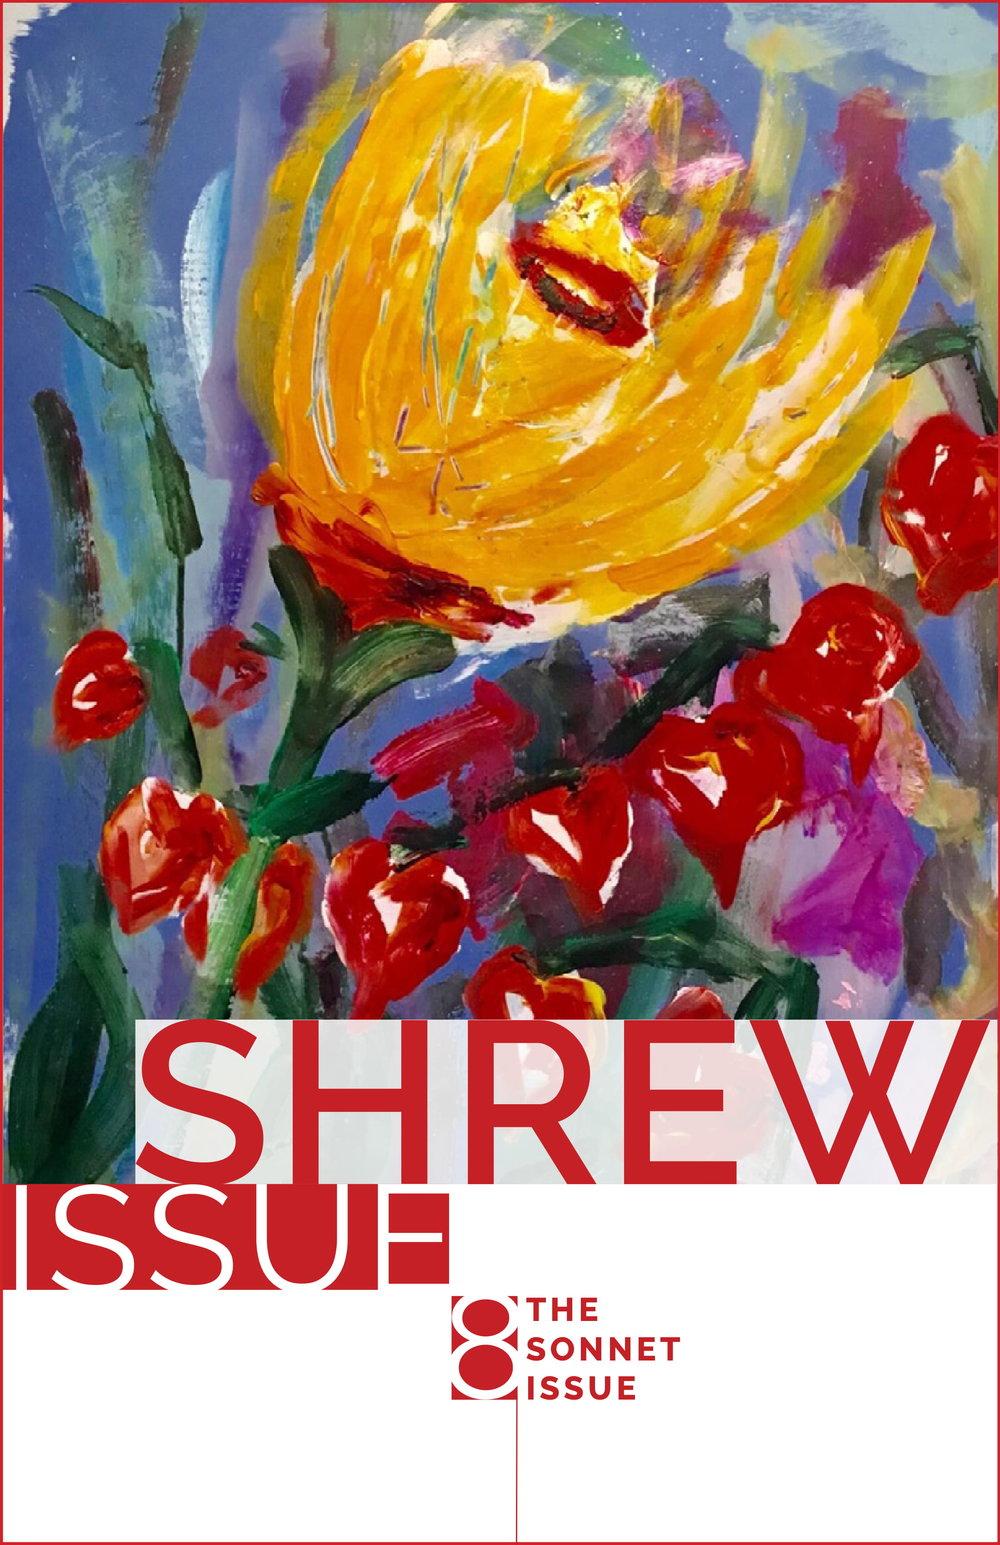 Issue 8: The Sonnet Issue (September 2018)